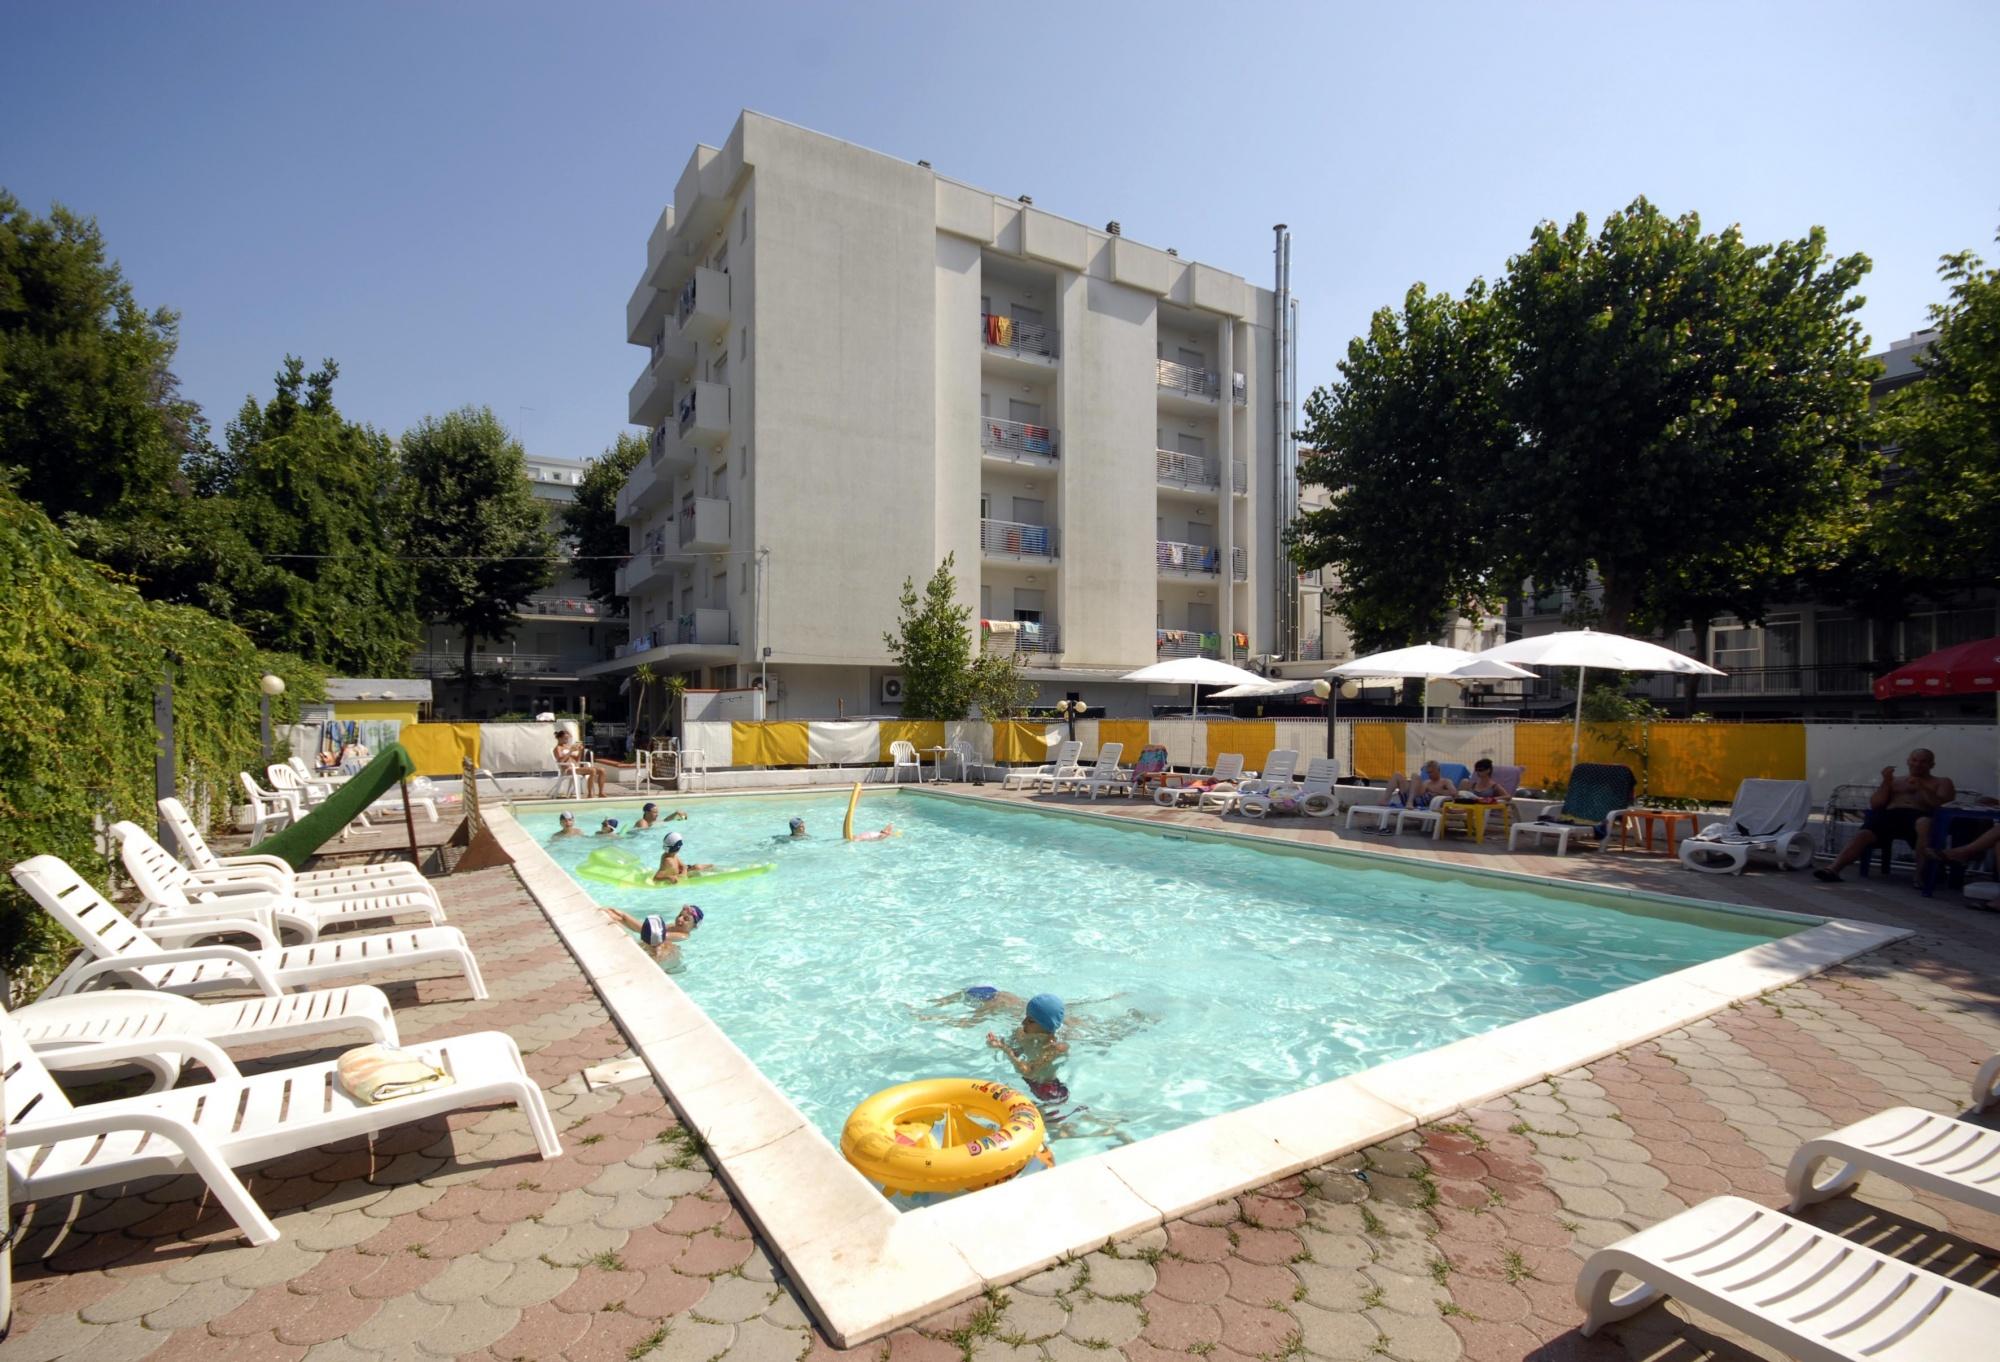 Offerta hotel giugno hotel con piscina spiaggia e bimbi gratis - Hotel con piscina riscaldata per bambini ...